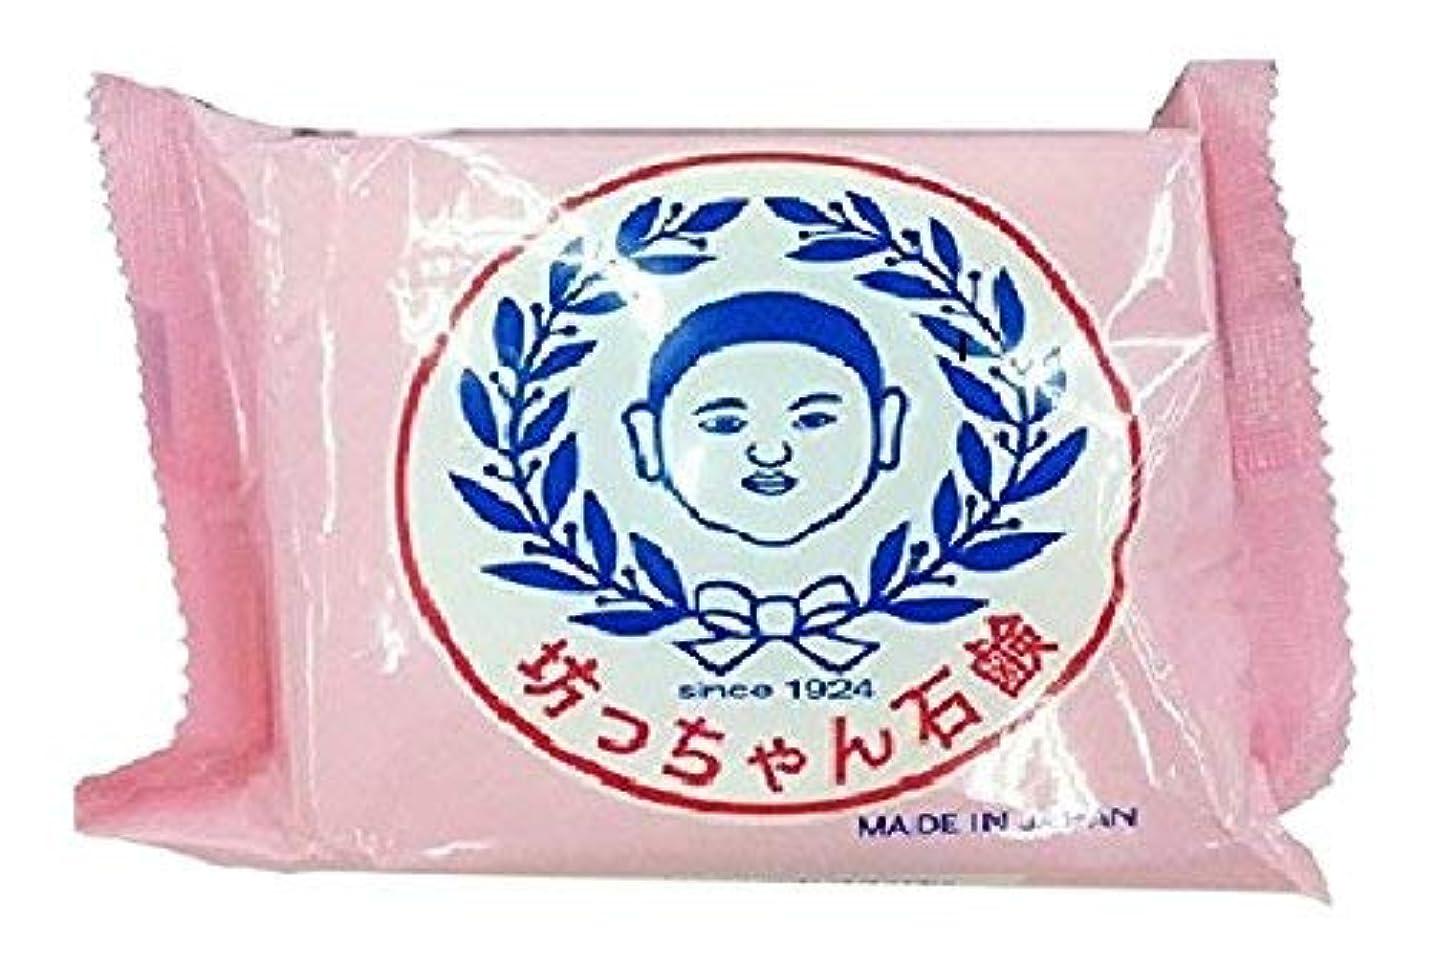 ヘロイン床を掃除する上に【まとめ買い】坊っちゃん石鹸 釜出し一番 175g ×2個